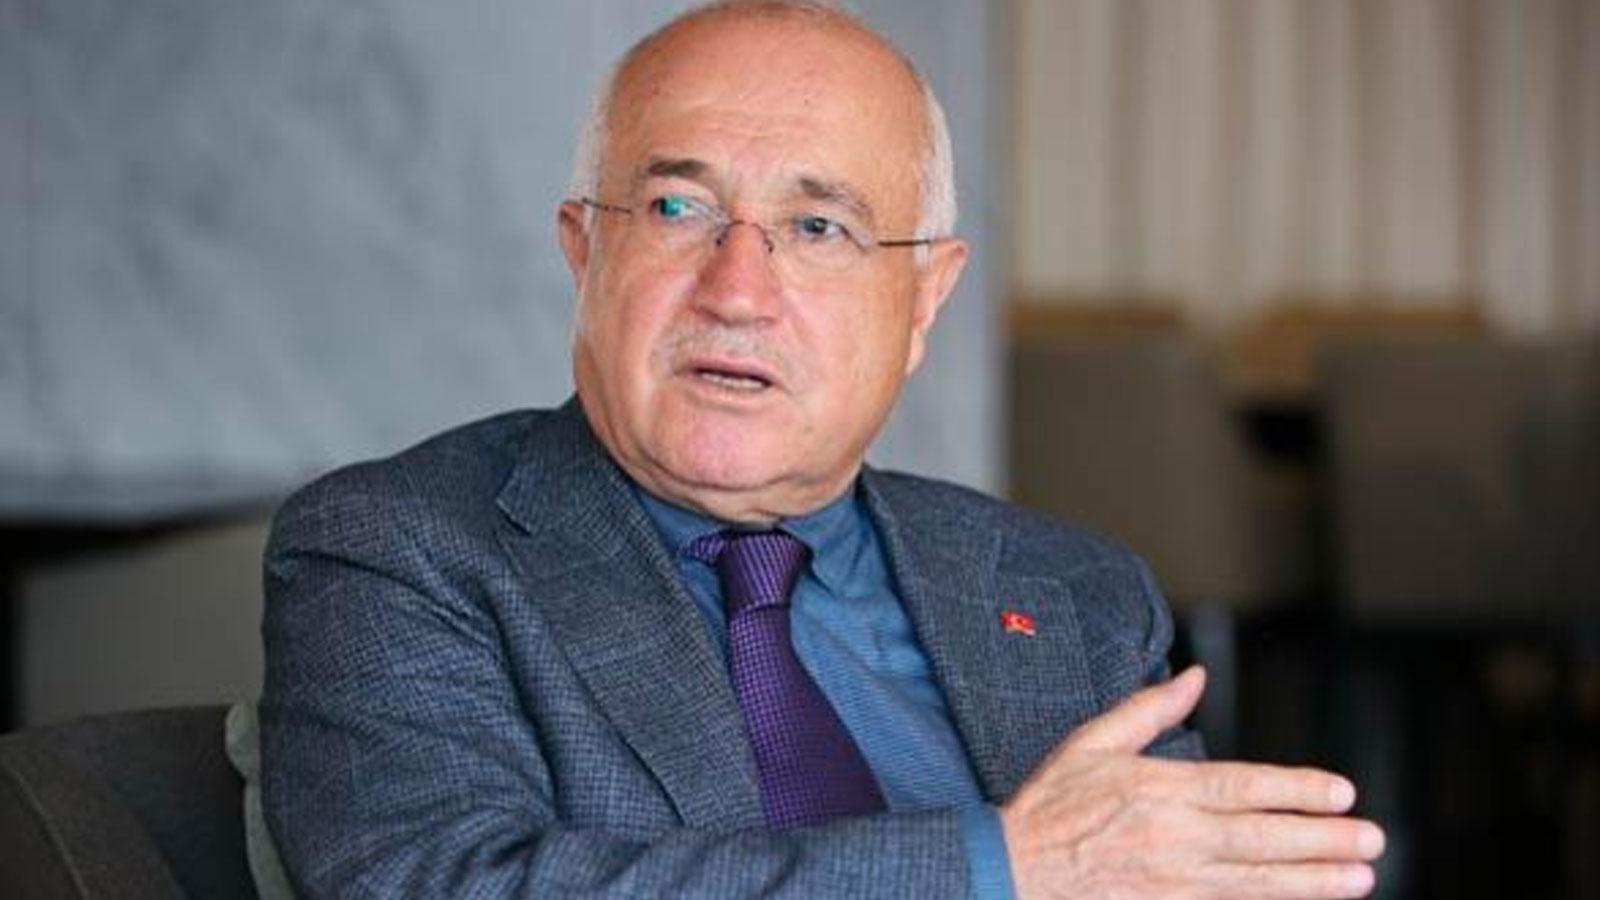 Cemil Çiçek: 'Erdoğan Bayraktar Hakkındaki İddialar, Diğer Üç Bakanınkinden Ayrıydı, Yüce Divan'a Gitmeliydi'